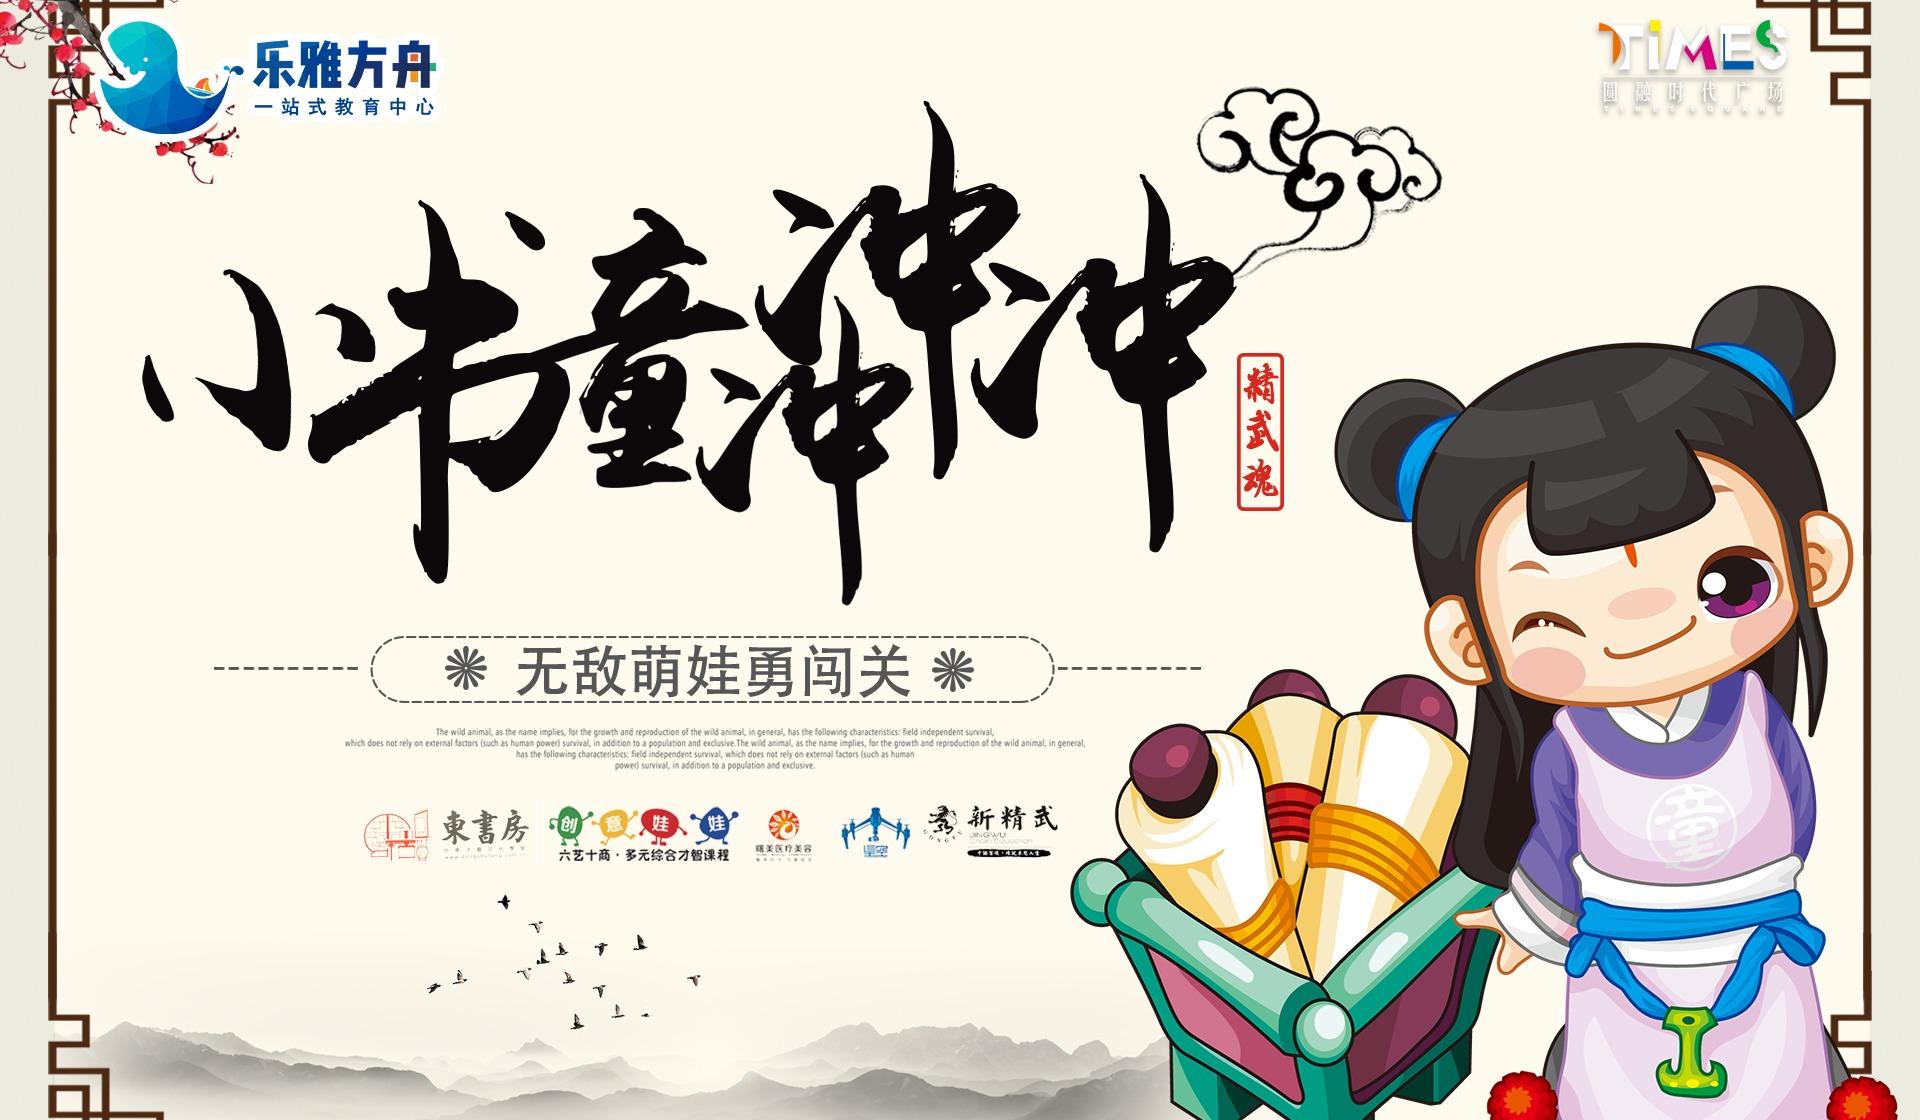 中国传统文化亲子闯关游园会-琴棋书画邂逅篇